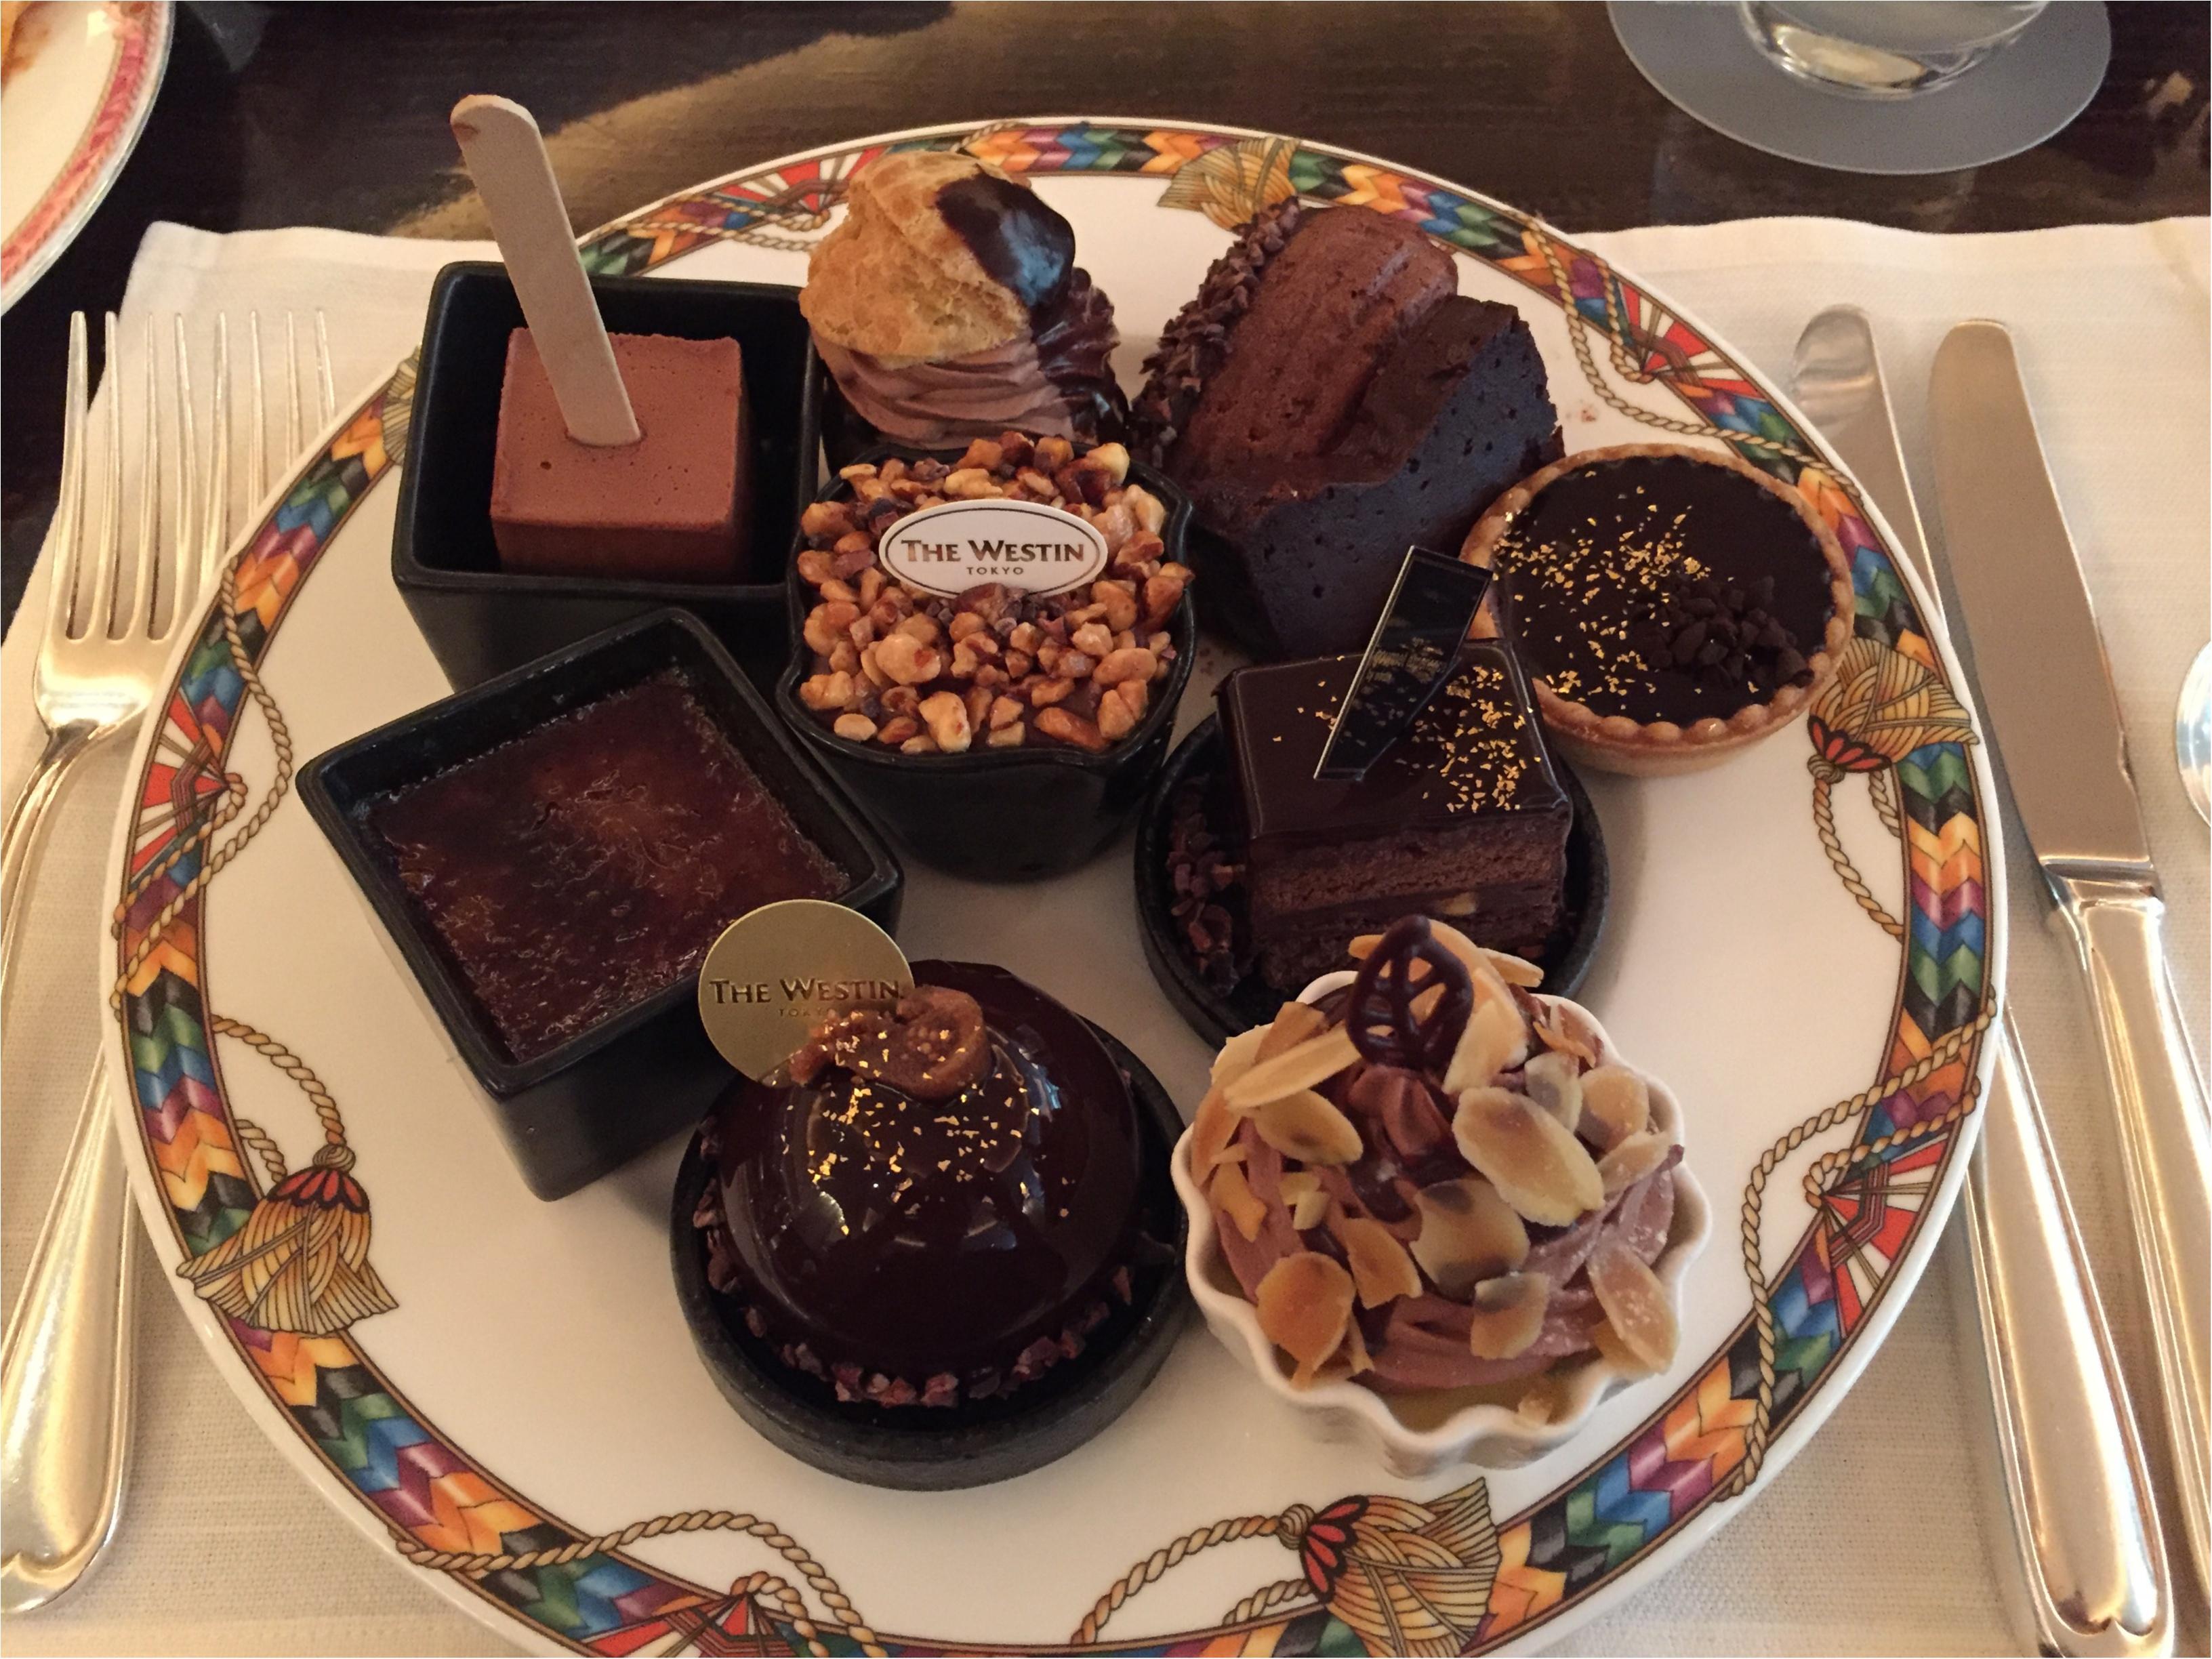 予約困難!ウェスティンホテル東京の『ワールドチョコレート・デザートブッフェ 〜第2章〜』へ!リピーターおすすめの理由も!!_3